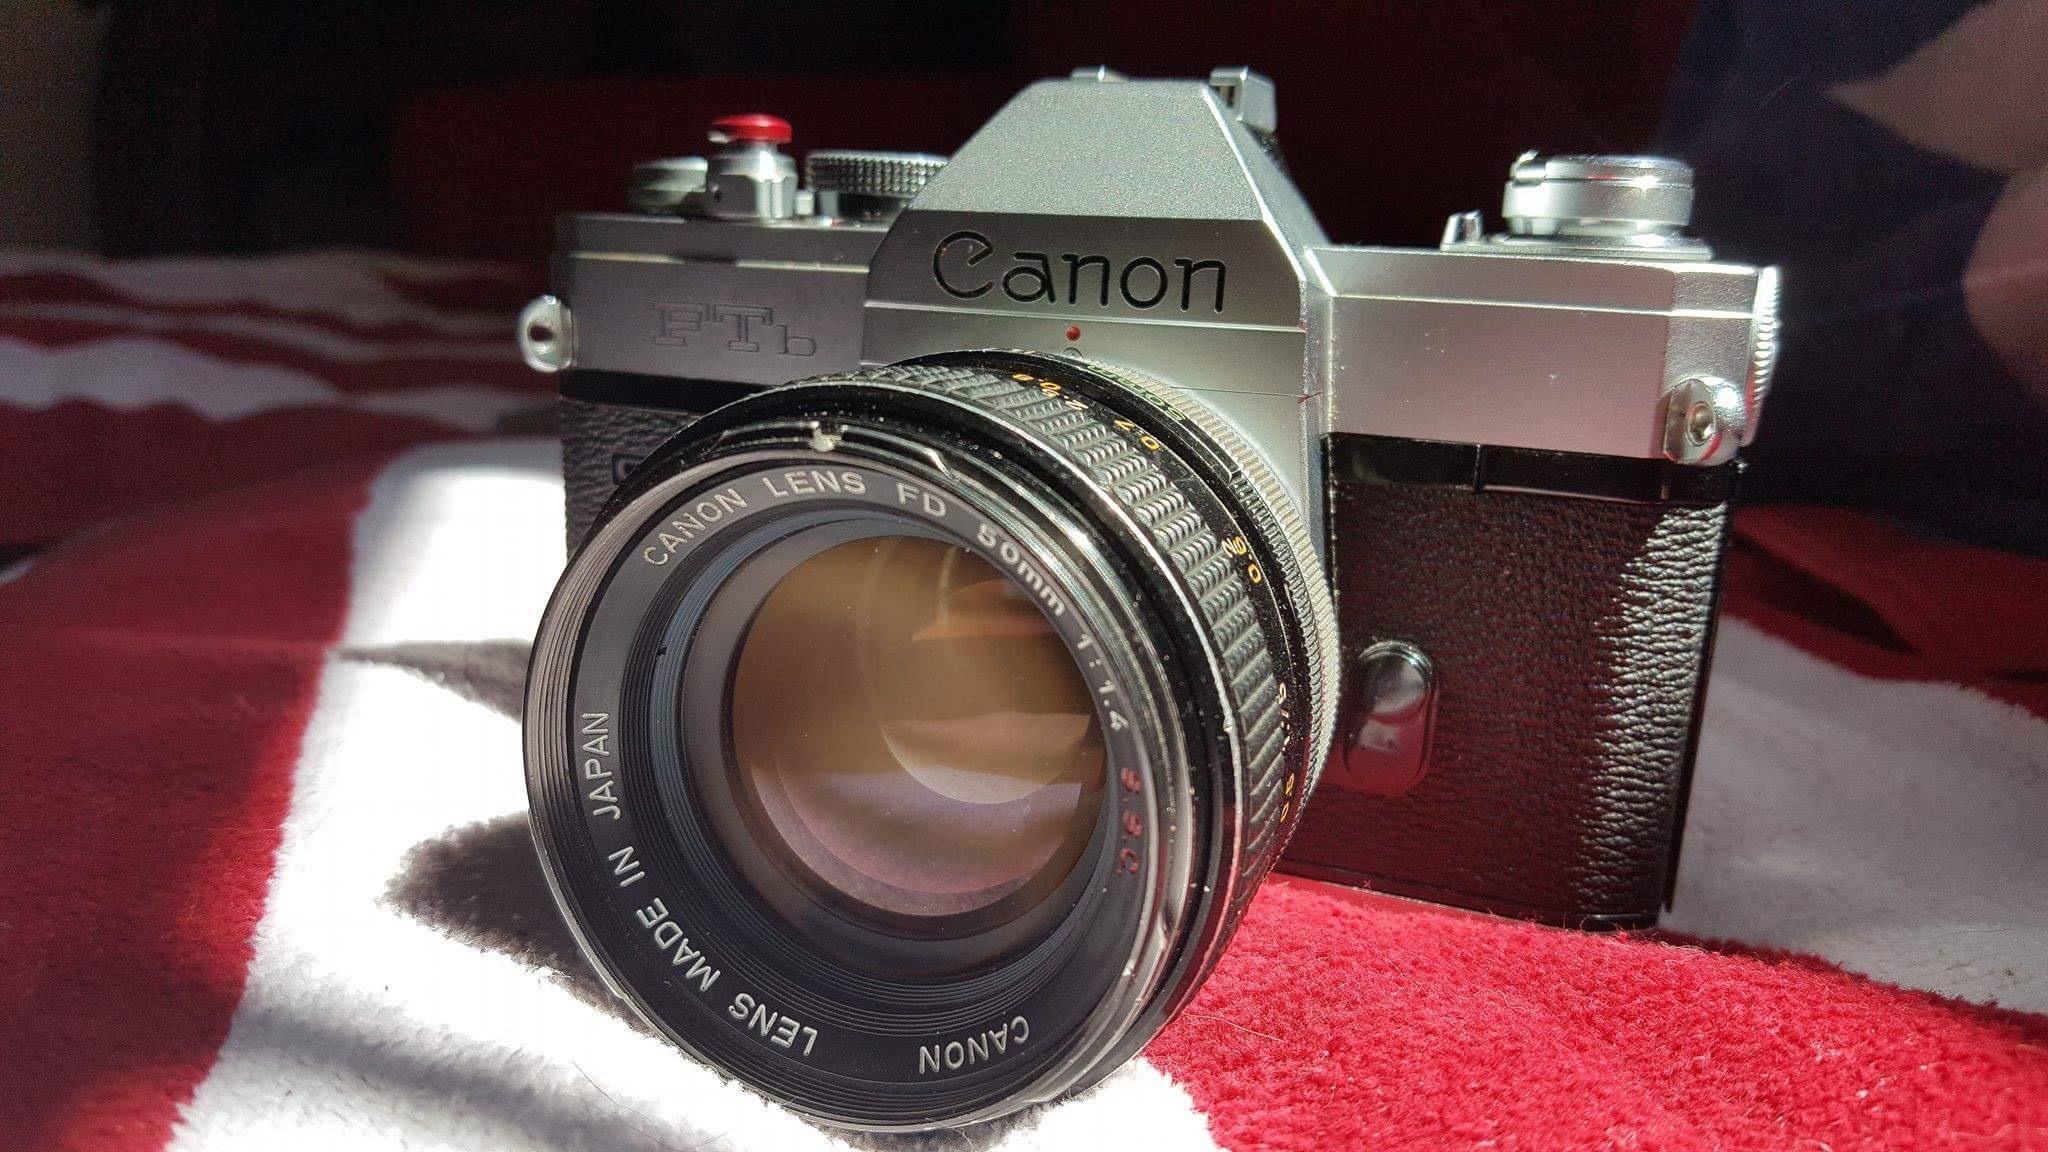 Canon FTB QL w/ 50mm F1.4 FD SSC